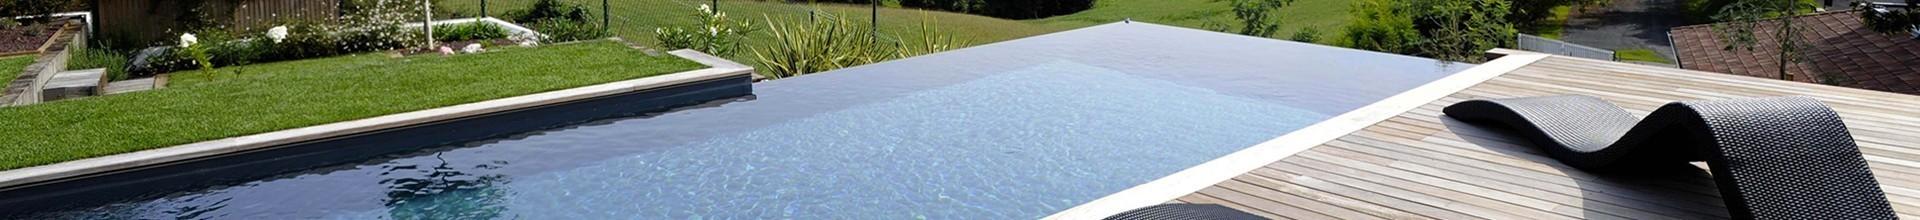 ✅  Auvergne Haute Loire Fabricant d'une piscine révolutionnaire